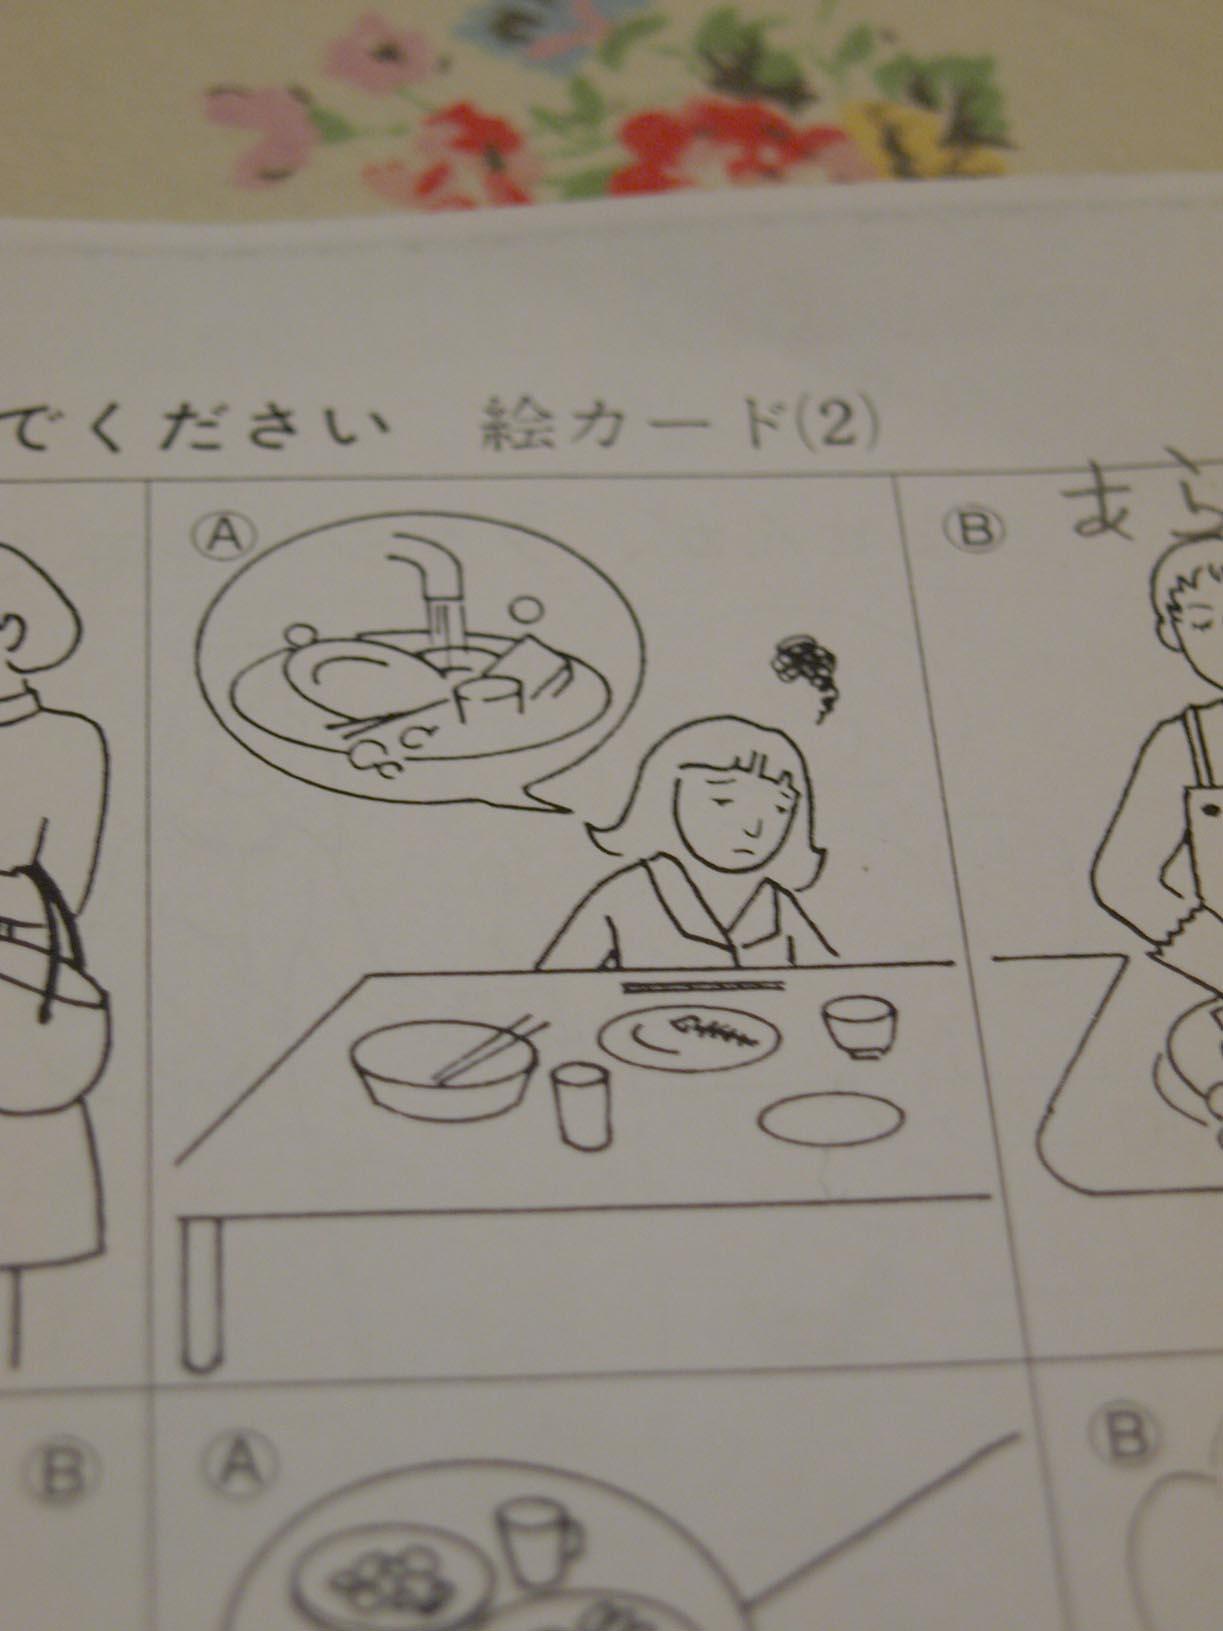 イタ男!大阪弁に悩まされる!?日本語レッスン_c0179785_1812107.jpg